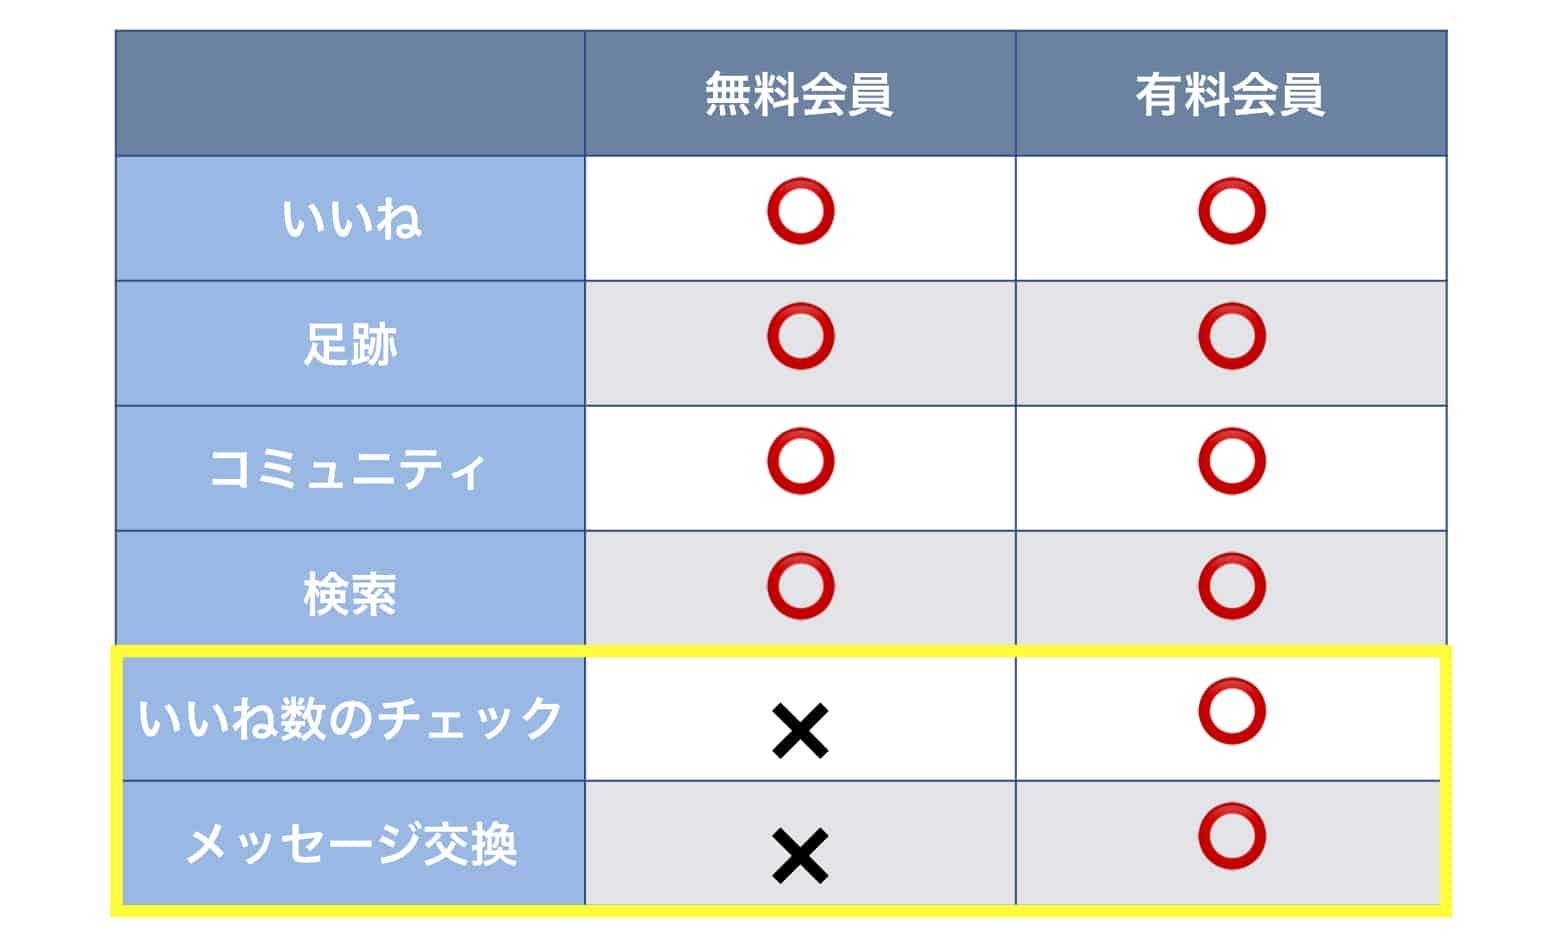 無料会員と有料会員の違いを表にまとめた